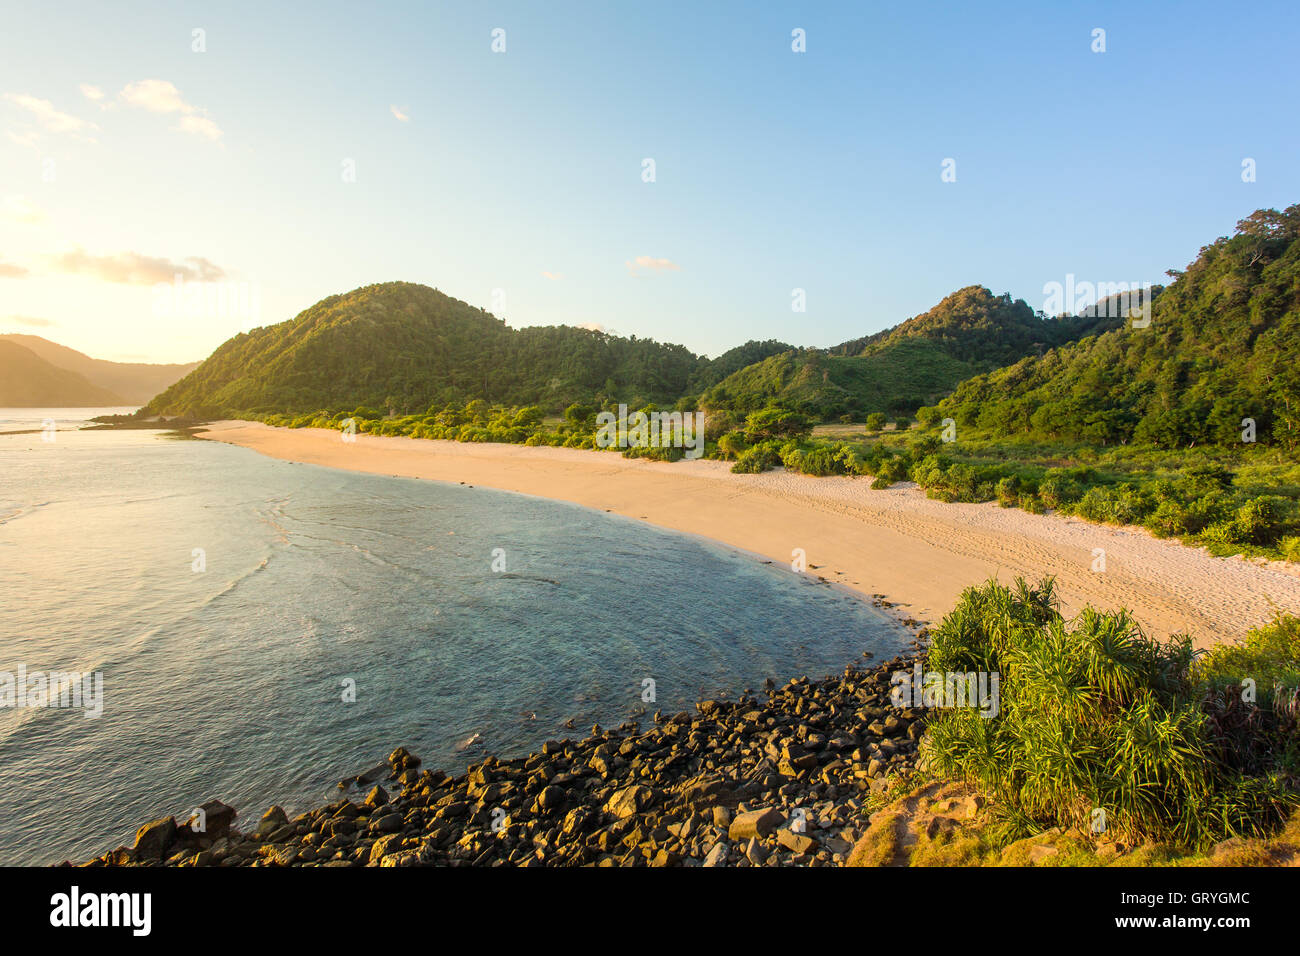 Longue plage de sable de Kuta, Lombok, Indonésie Photo Stock